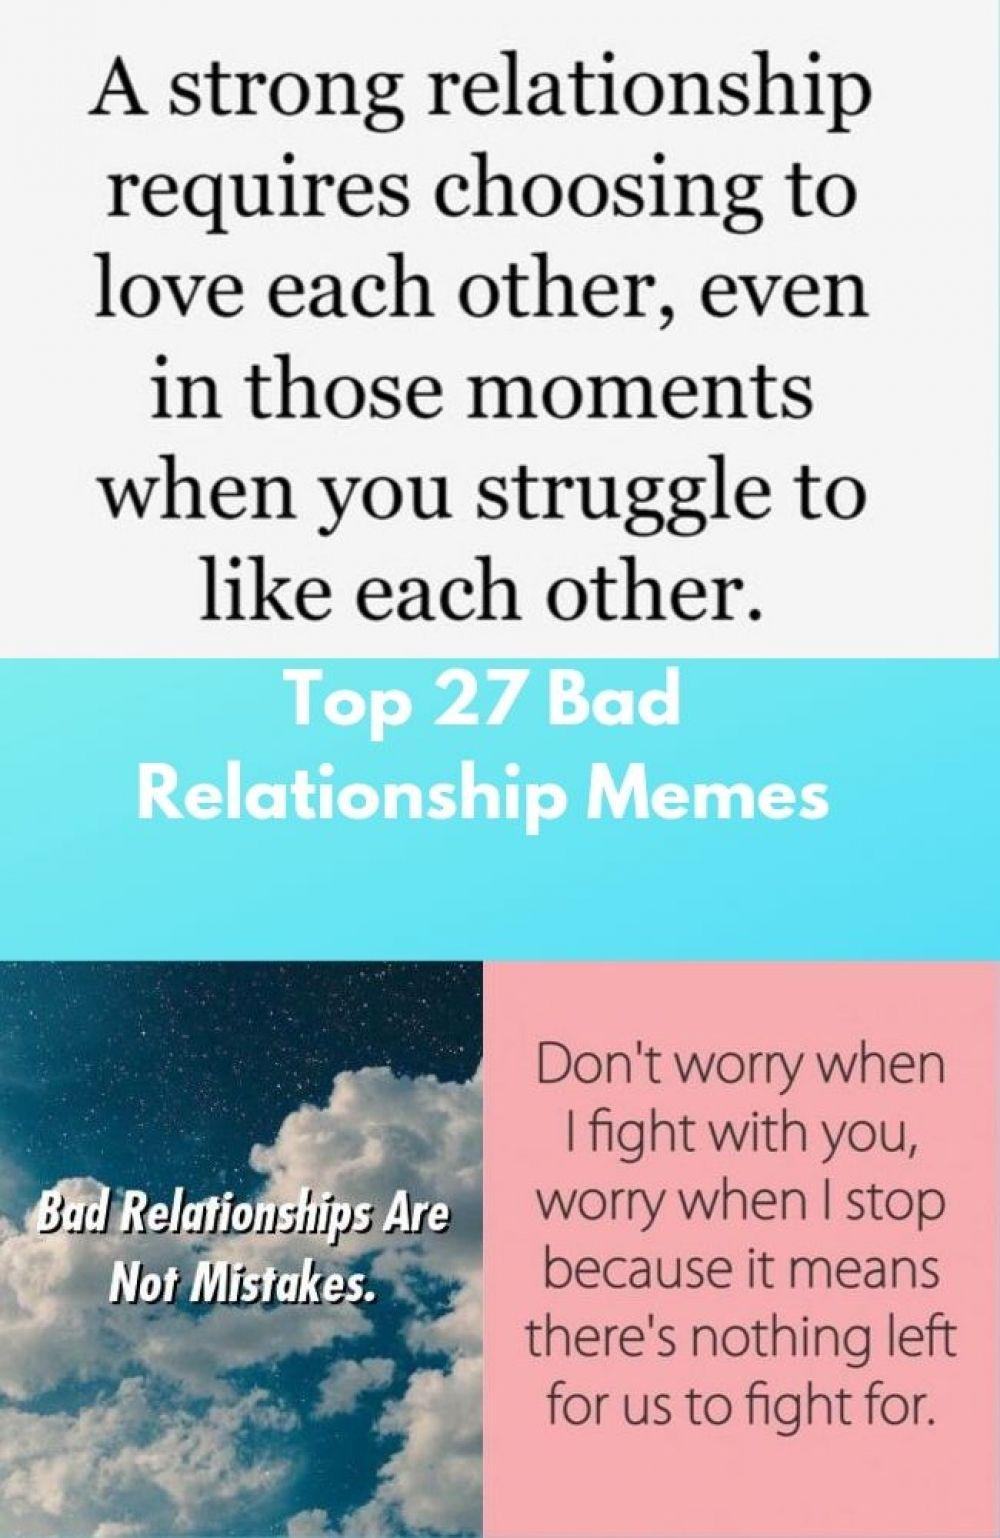 Prime 27 Dangerous Relationships Memes Quoteswithpicture Com Bad Memes Relationships Top Quoteswithpicture Bad Relationship Relationship Memes Relationship